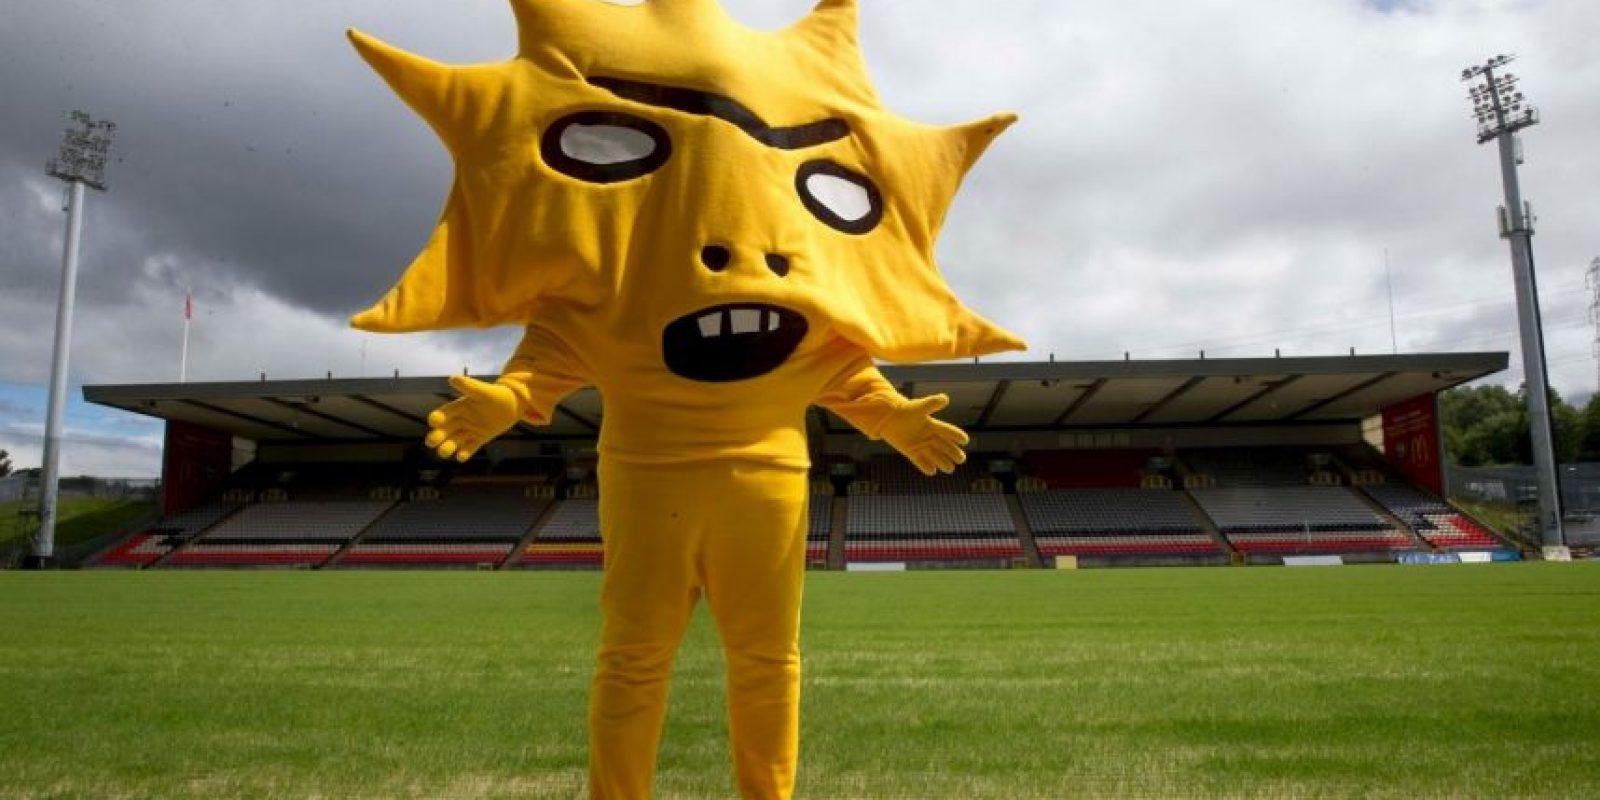 Esta (¿estrella con pies?) es la nueva mascota del Patrick Thistle de Escocia. Llamó la atención en todo el mundo por ser tan… original. Foto:ptfc.co.uk